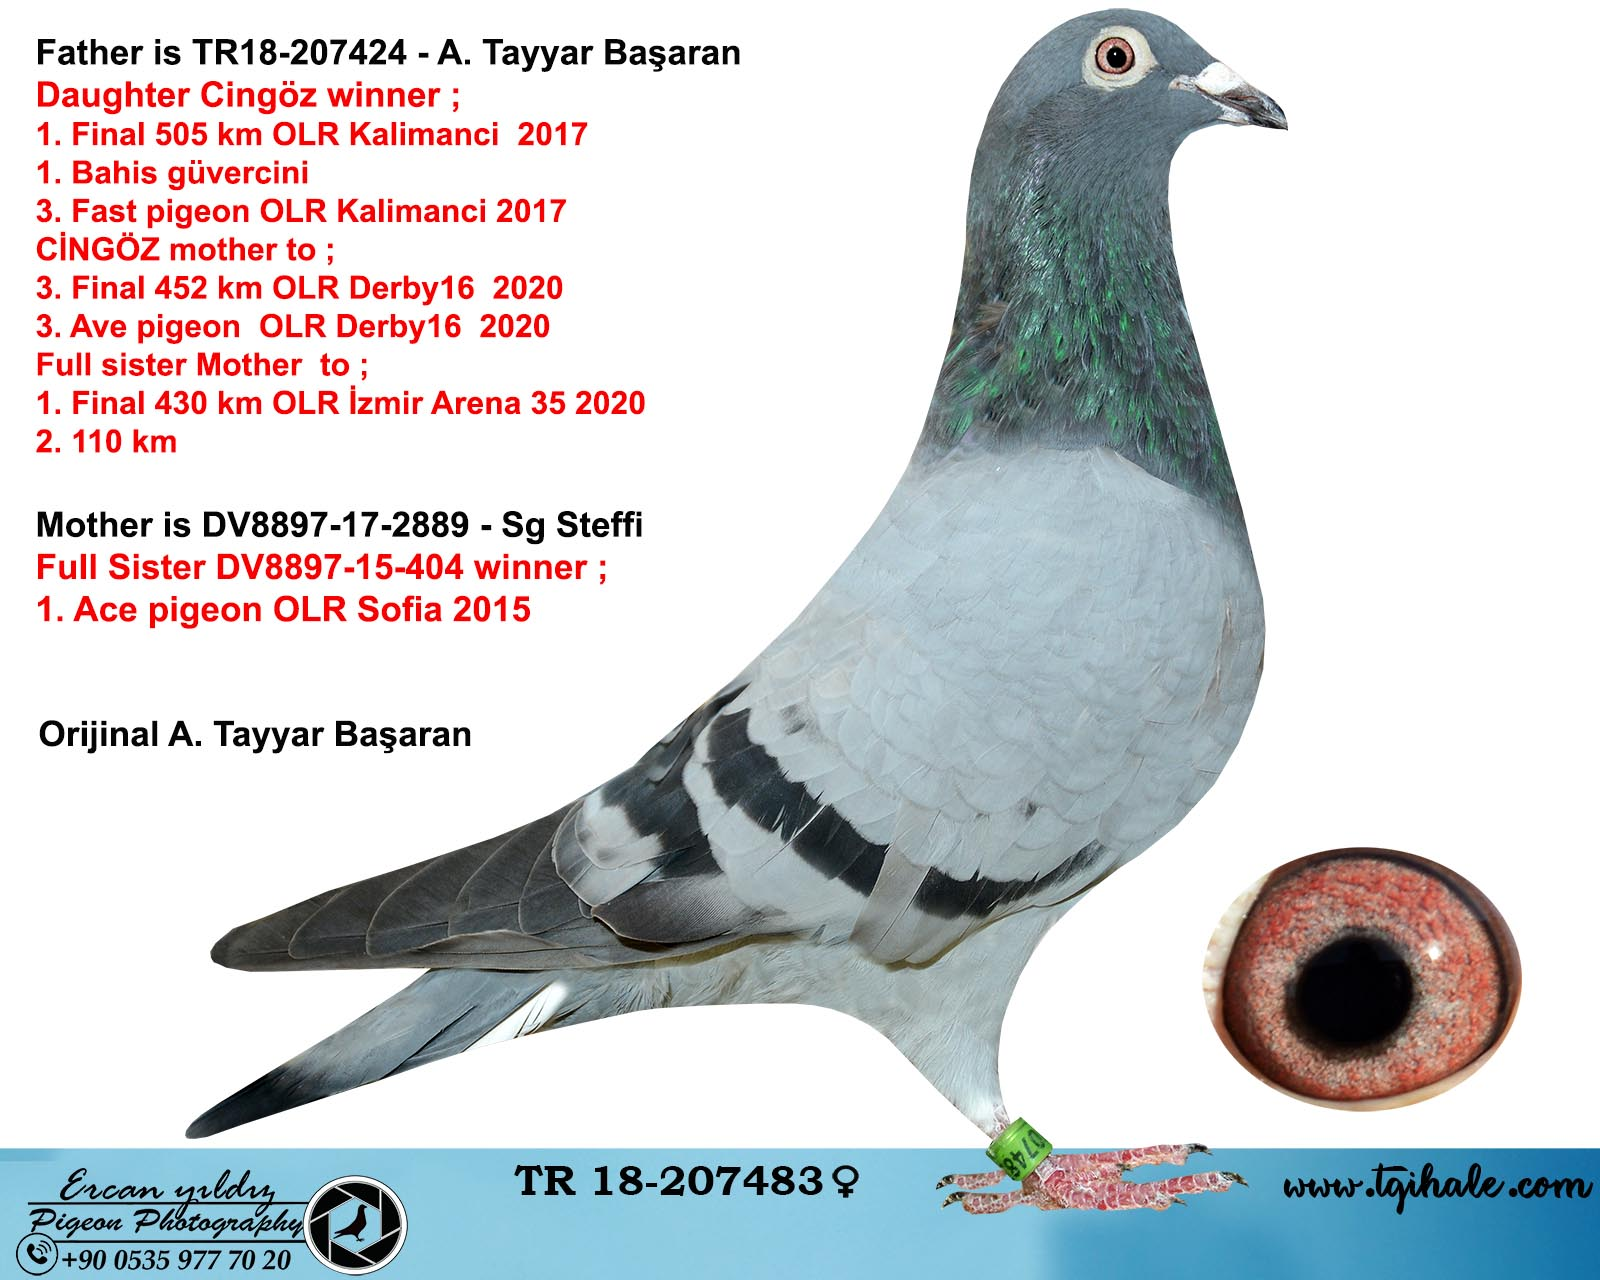 TR18-207483 DİŞİ BABASI CİNGÖZ OĞLU ANNESİ SOFİA AS 1 KIZ KARDEŞİ